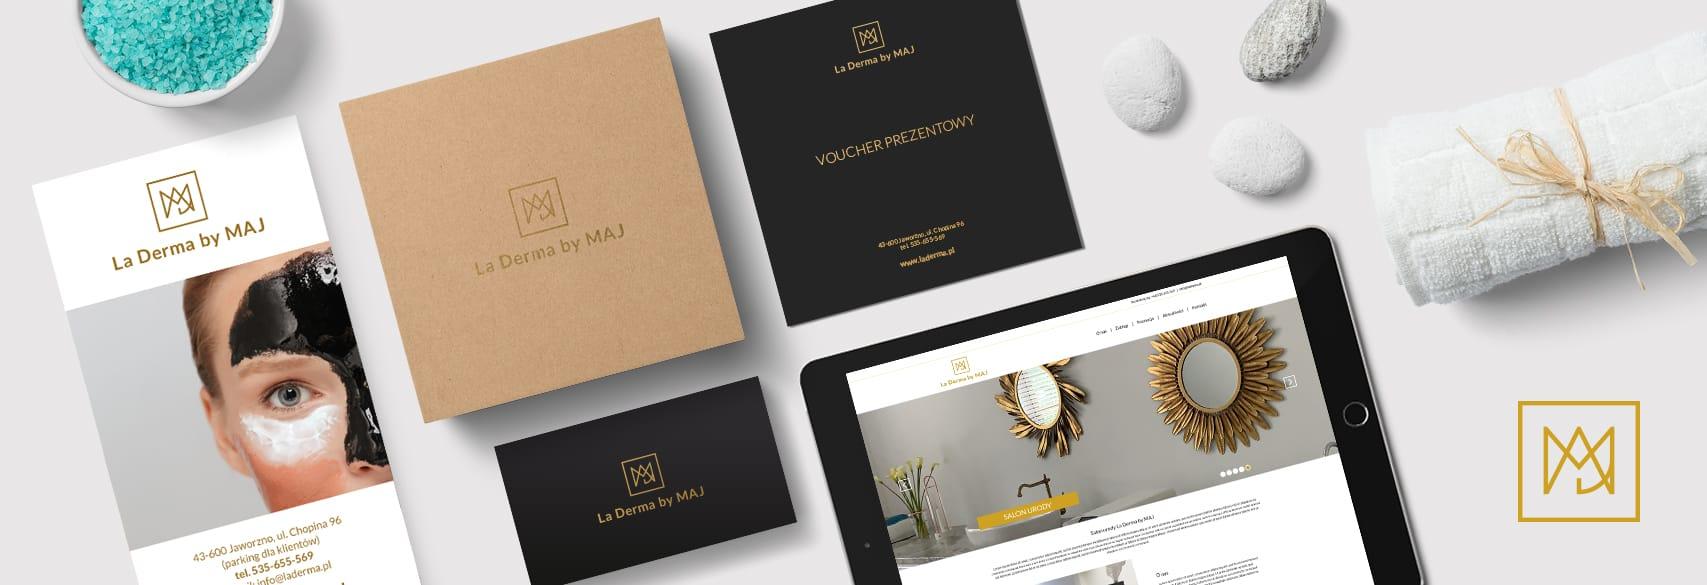 Projektowanie identyfikacji wizualnej dla salonu urody La Derma by MAJ tworzenie logo Agencja brandingowa Moweli Creative Dąbrowa Górnicza Wrocław Kraków Poznań Warszawa